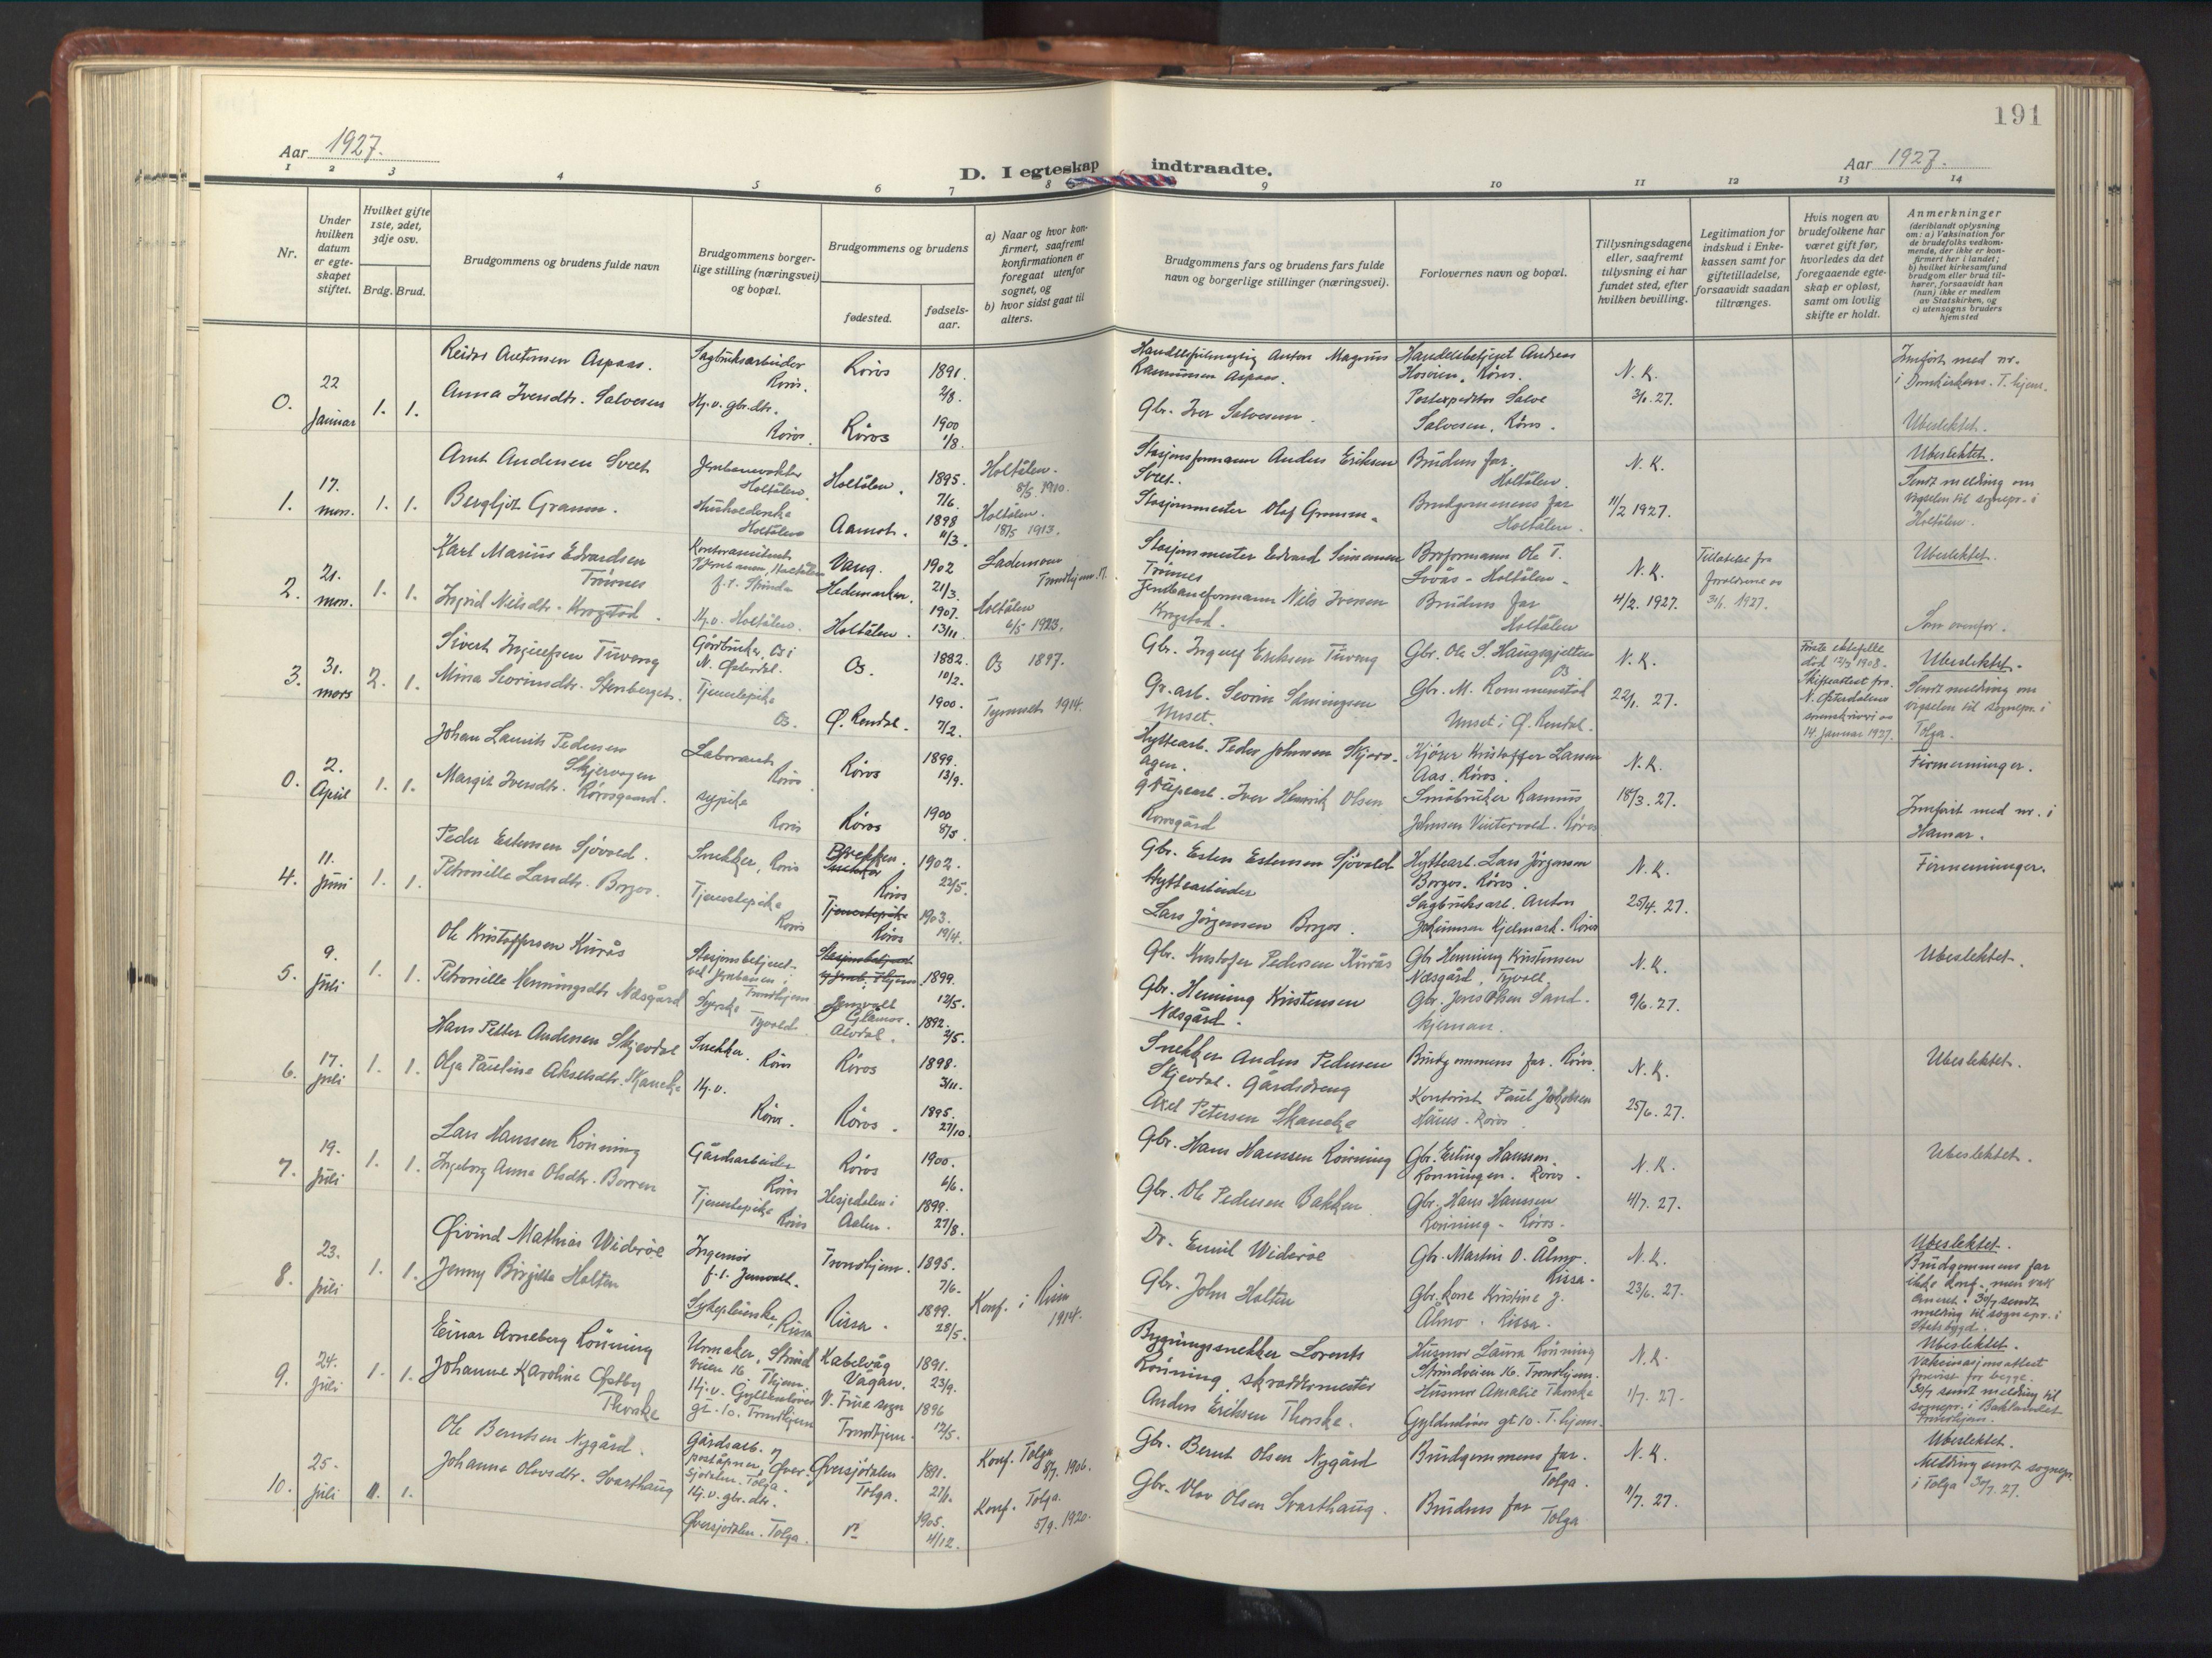 SAT, Ministerialprotokoller, klokkerbøker og fødselsregistre - Sør-Trøndelag, 681/L0943: Klokkerbok nr. 681C07, 1926-1954, s. 191